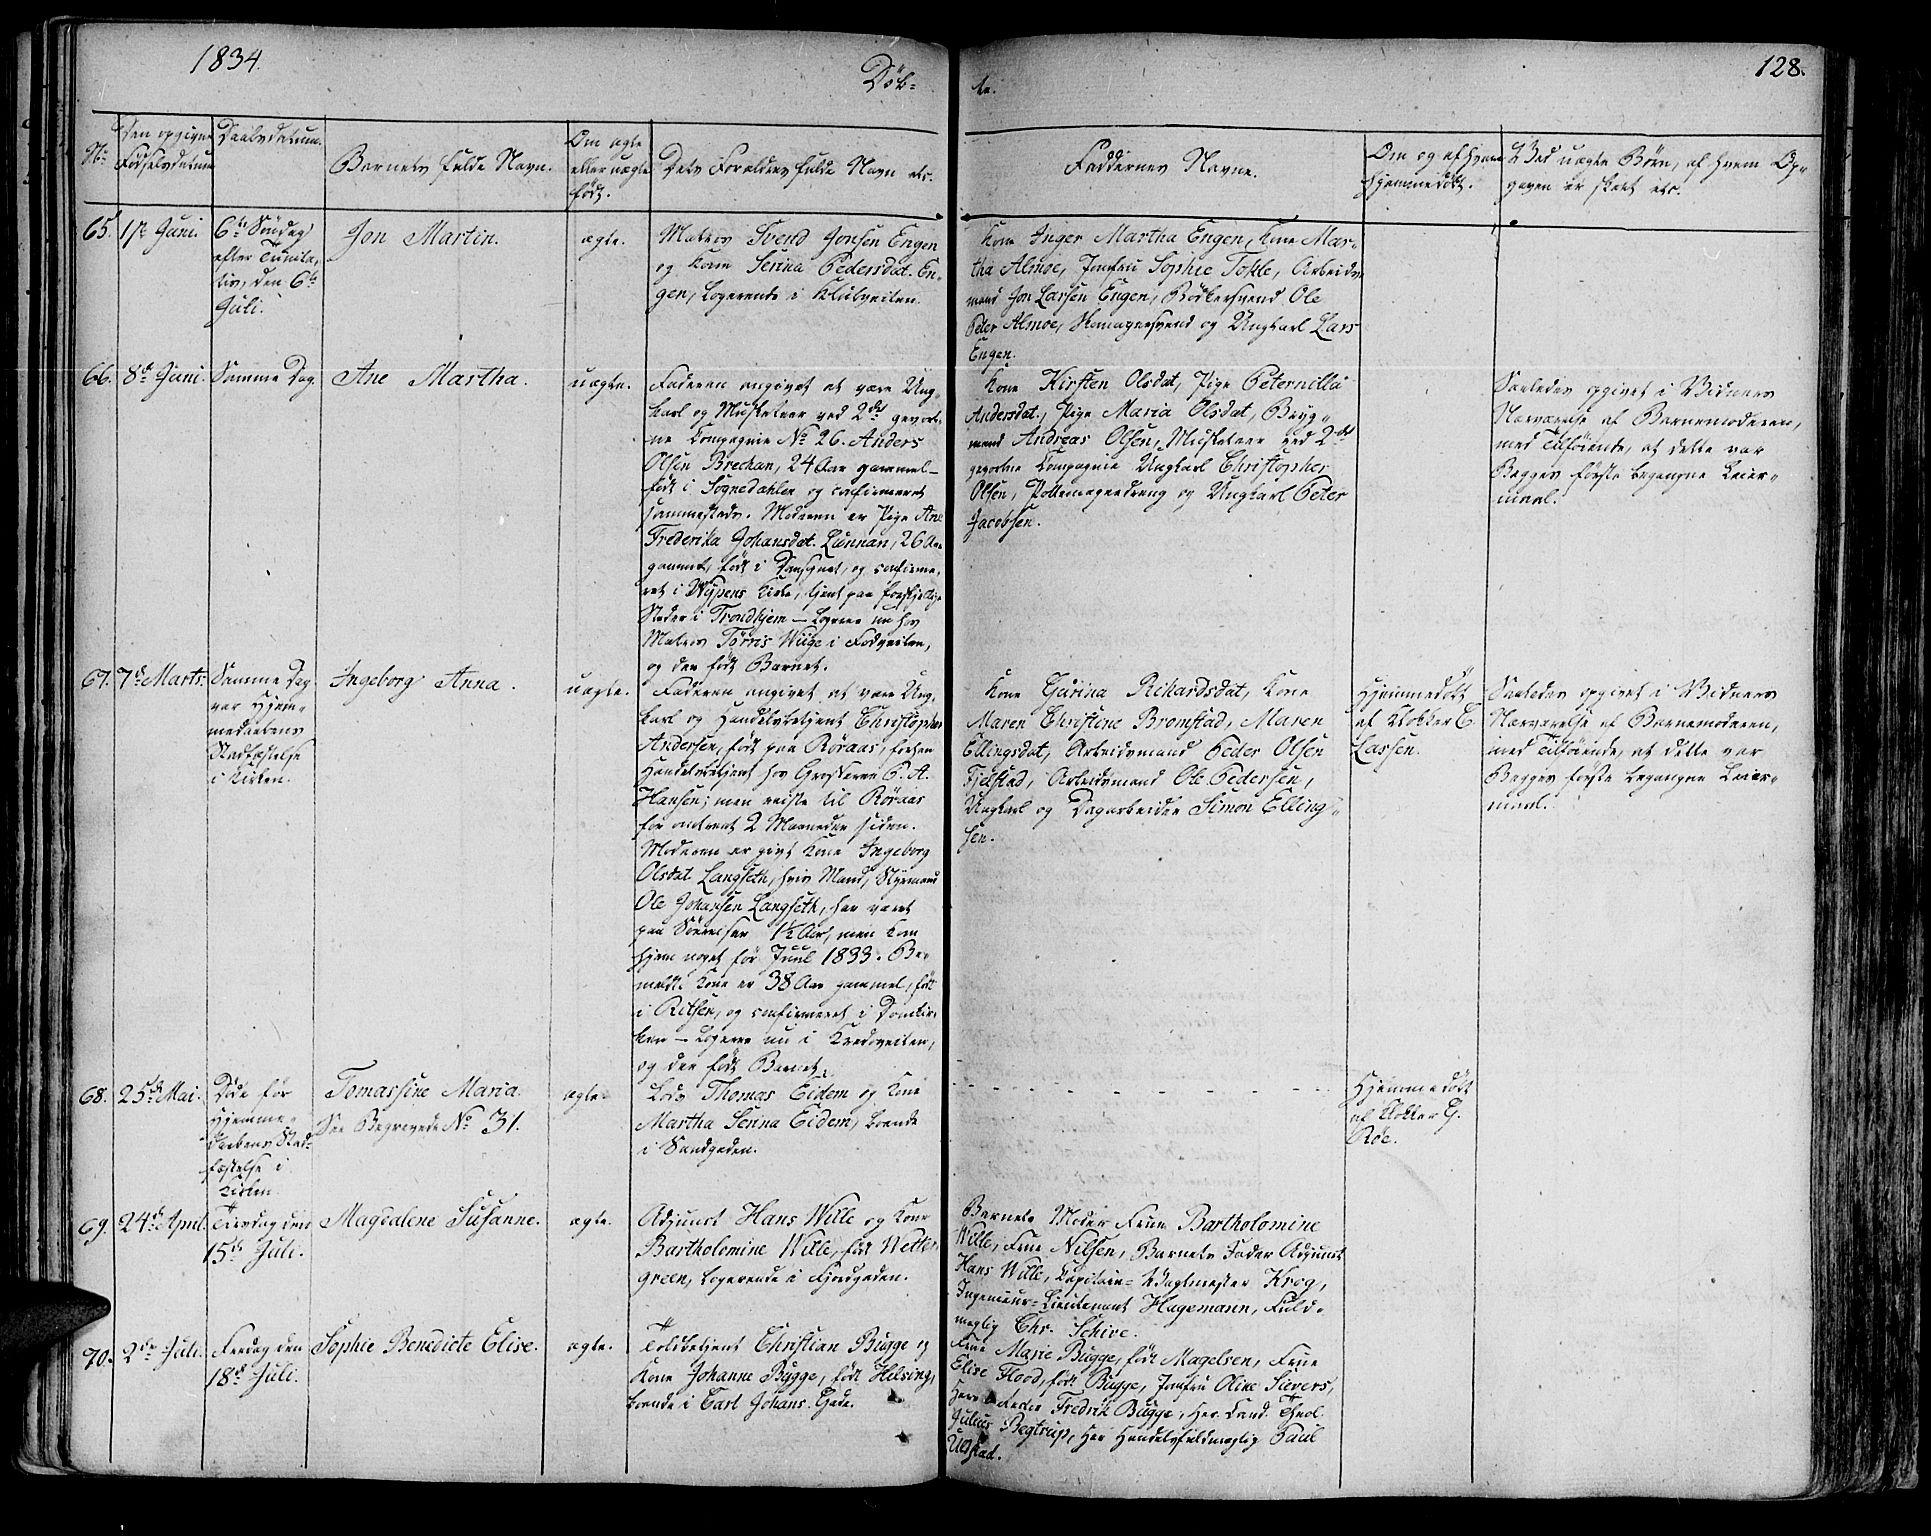 SAT, Ministerialprotokoller, klokkerbøker og fødselsregistre - Sør-Trøndelag, 602/L0108: Ministerialbok nr. 602A06, 1821-1839, s. 128